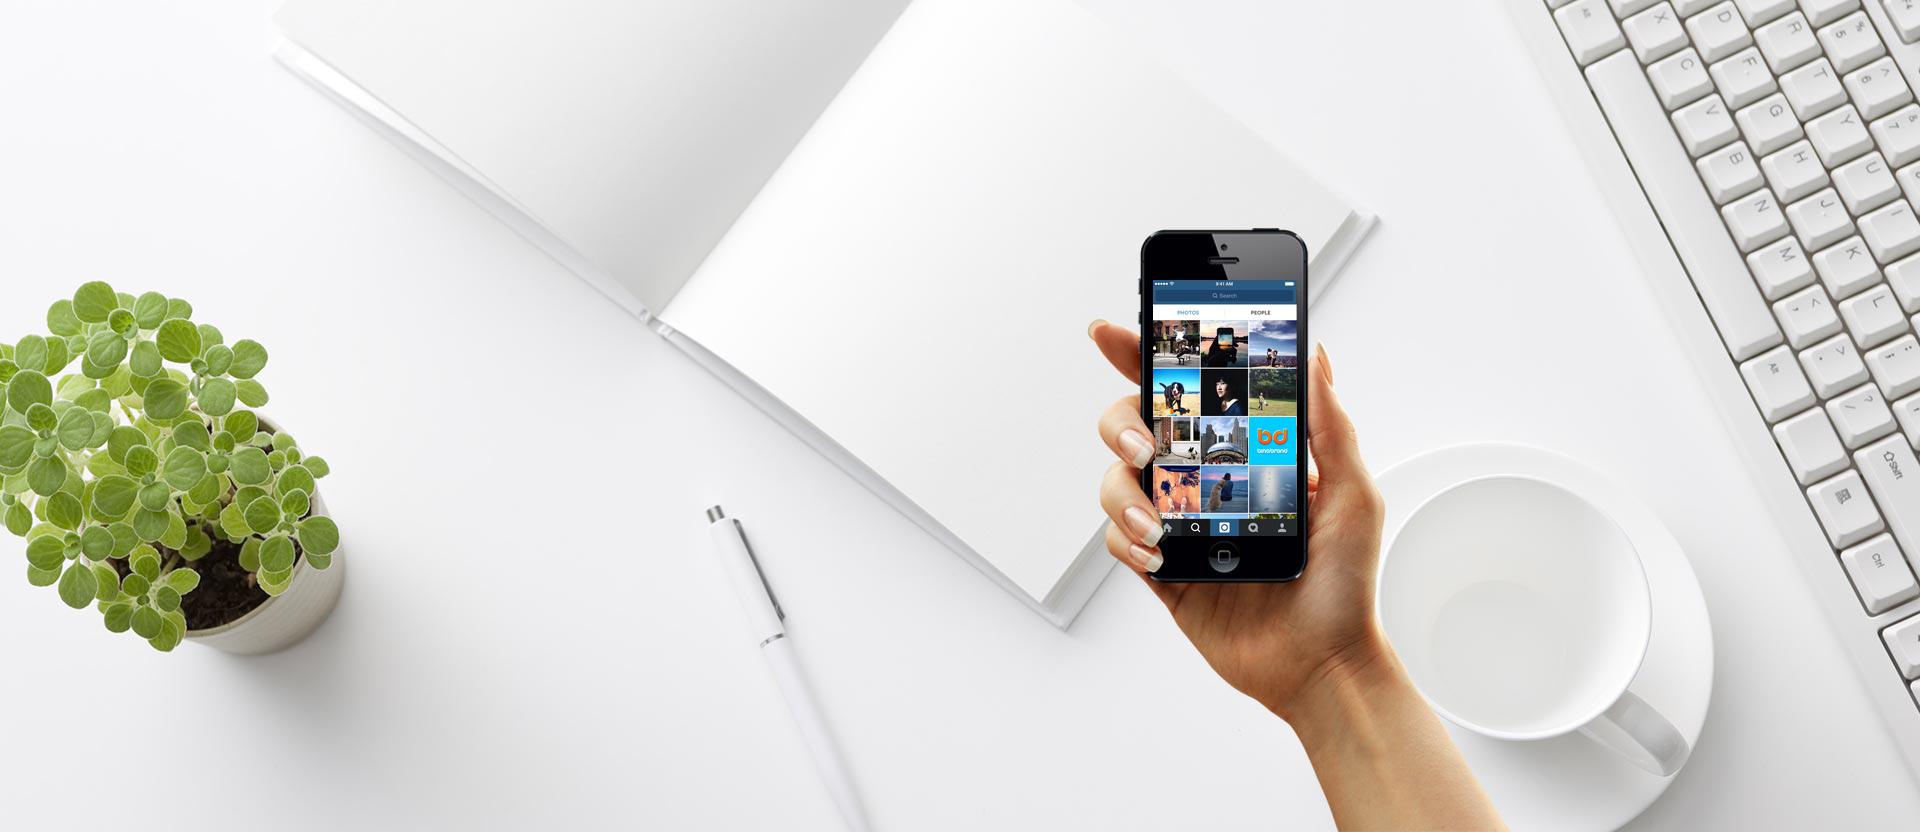 تبلیغات در شبکه های اجتماعی را به متخصصین بازاریابی اینترنتی بسپارید